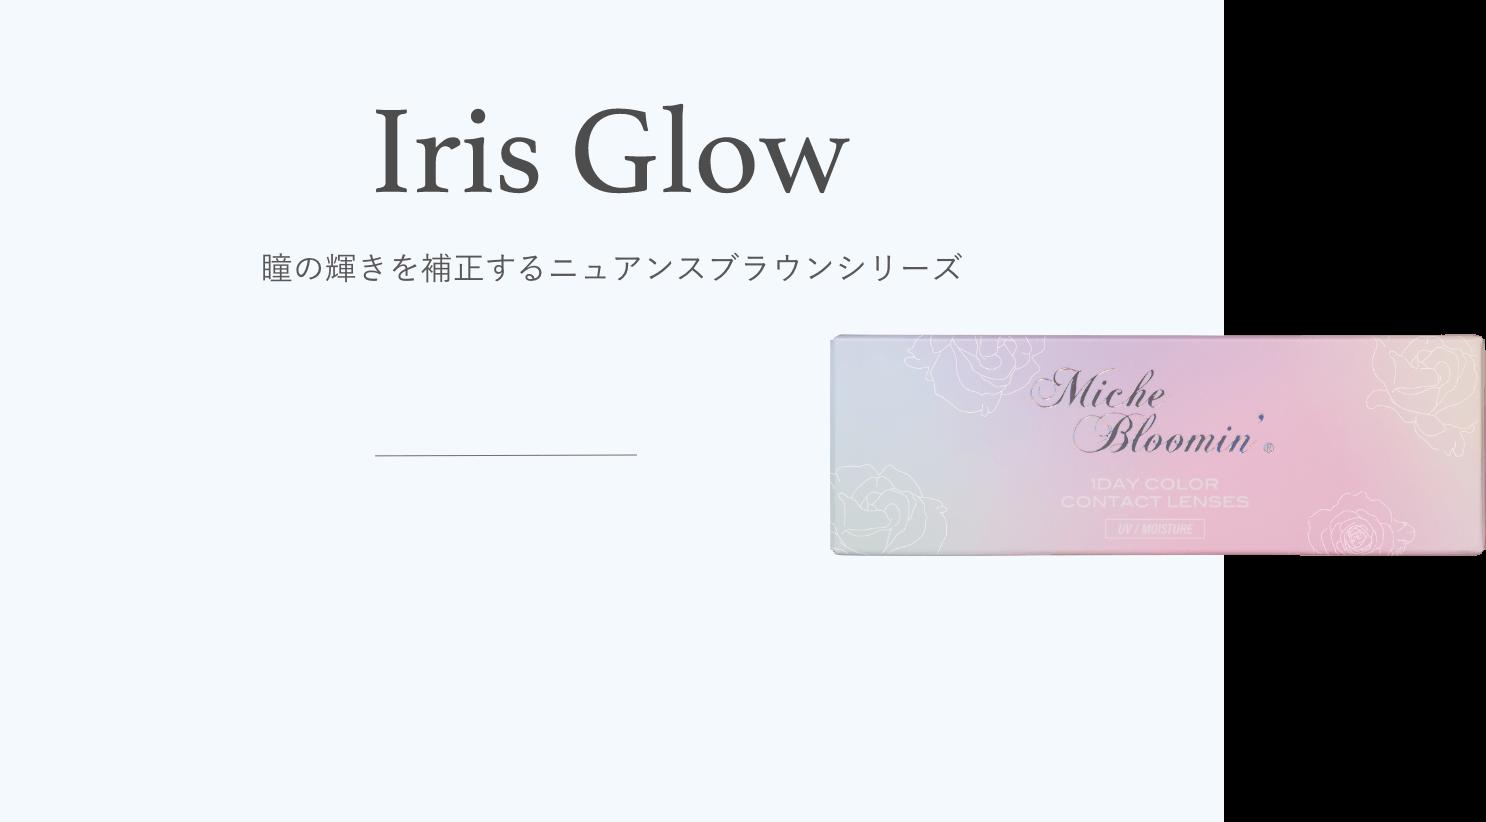 Iris Glow 瞳の輝きを補正するニュアンスブラウンシリーズ